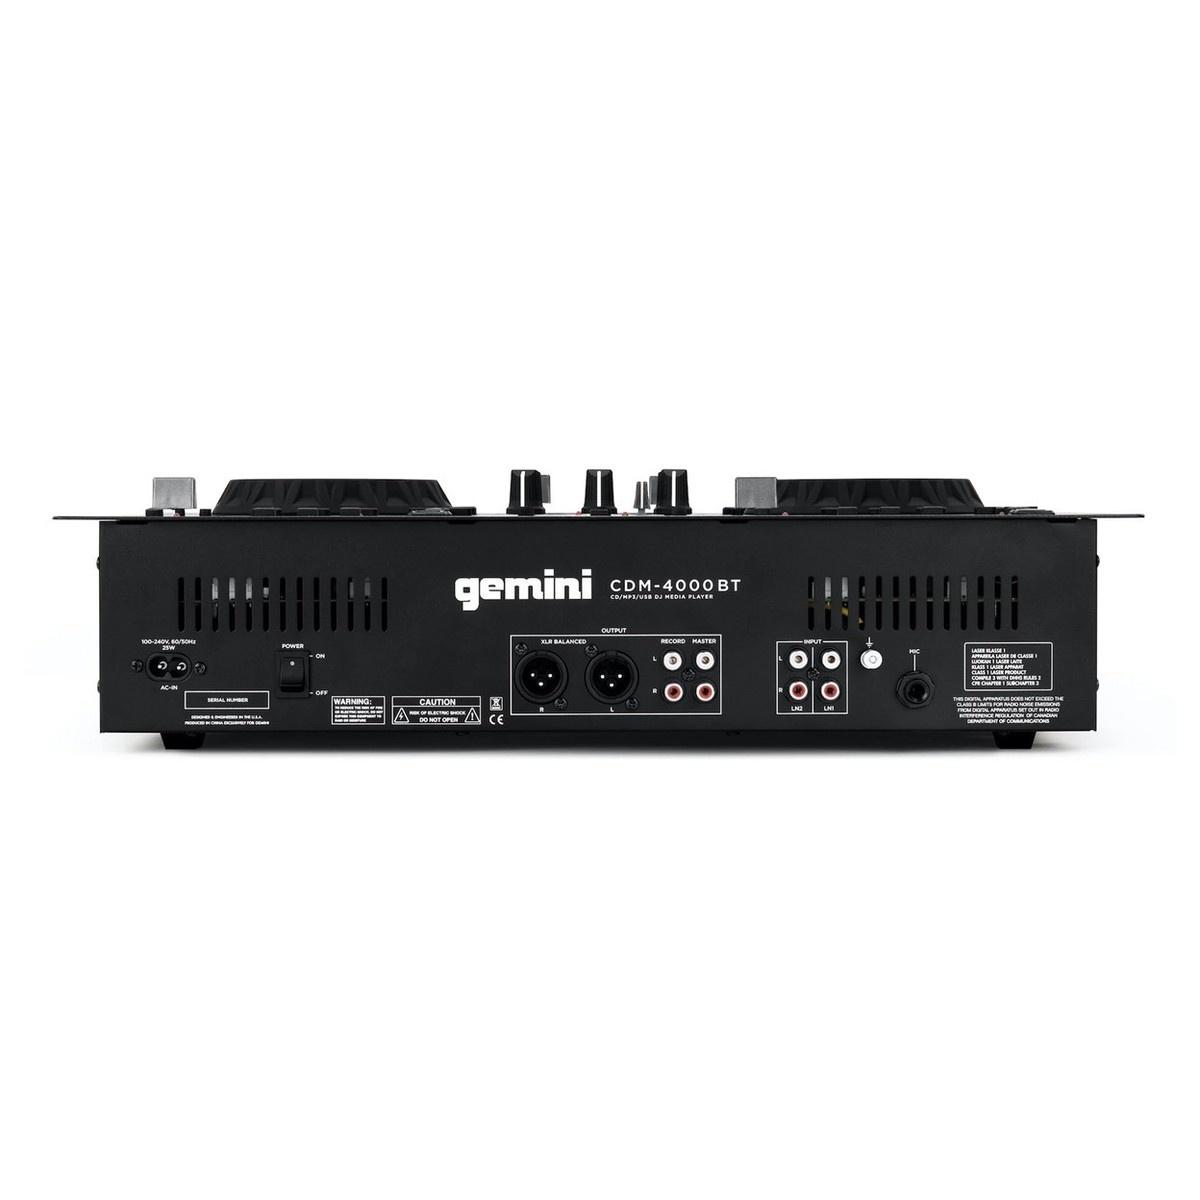 Gemini Gemini CDM-4000BT Dual CD/MP3/Media Player